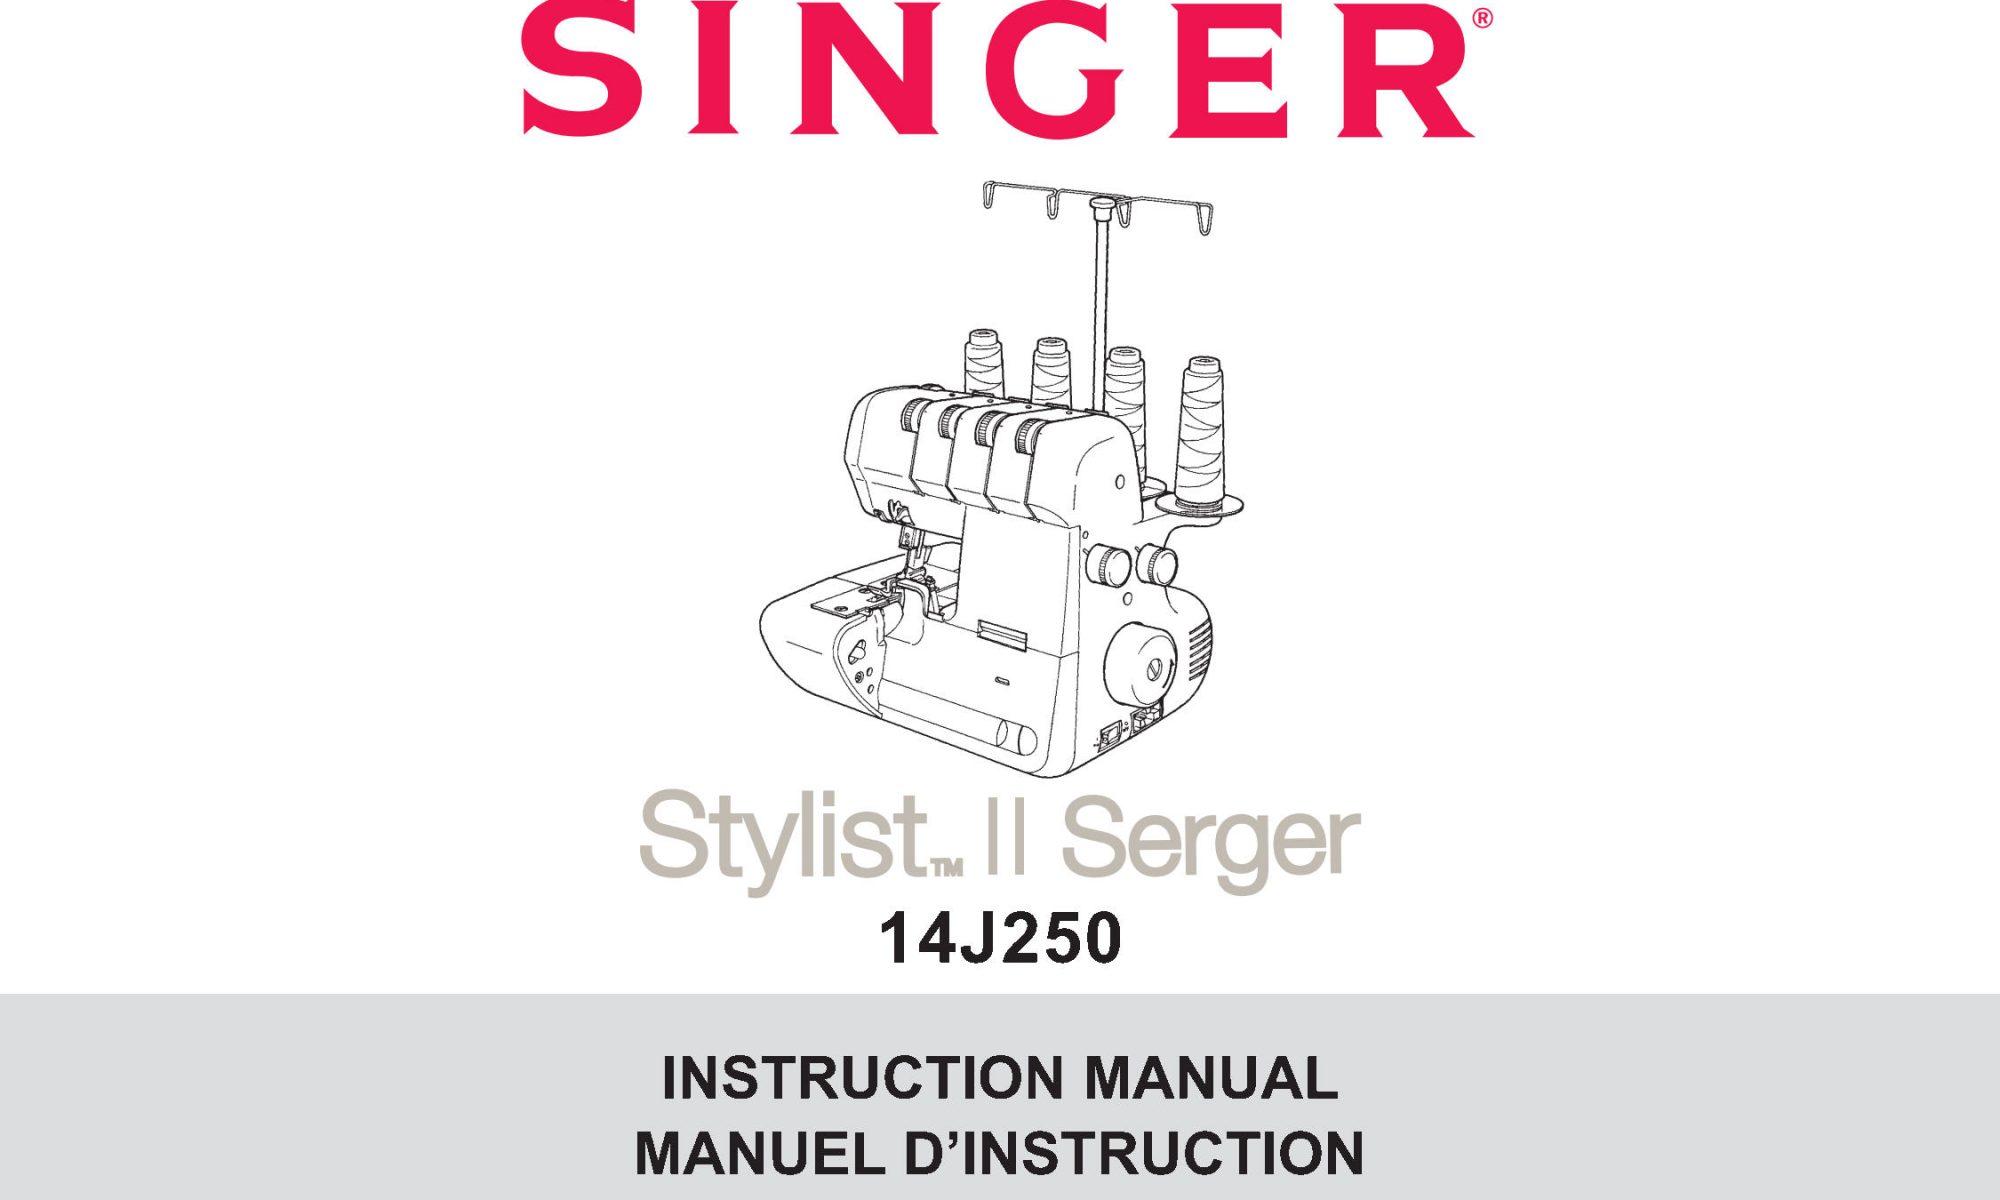 Singer 14j250